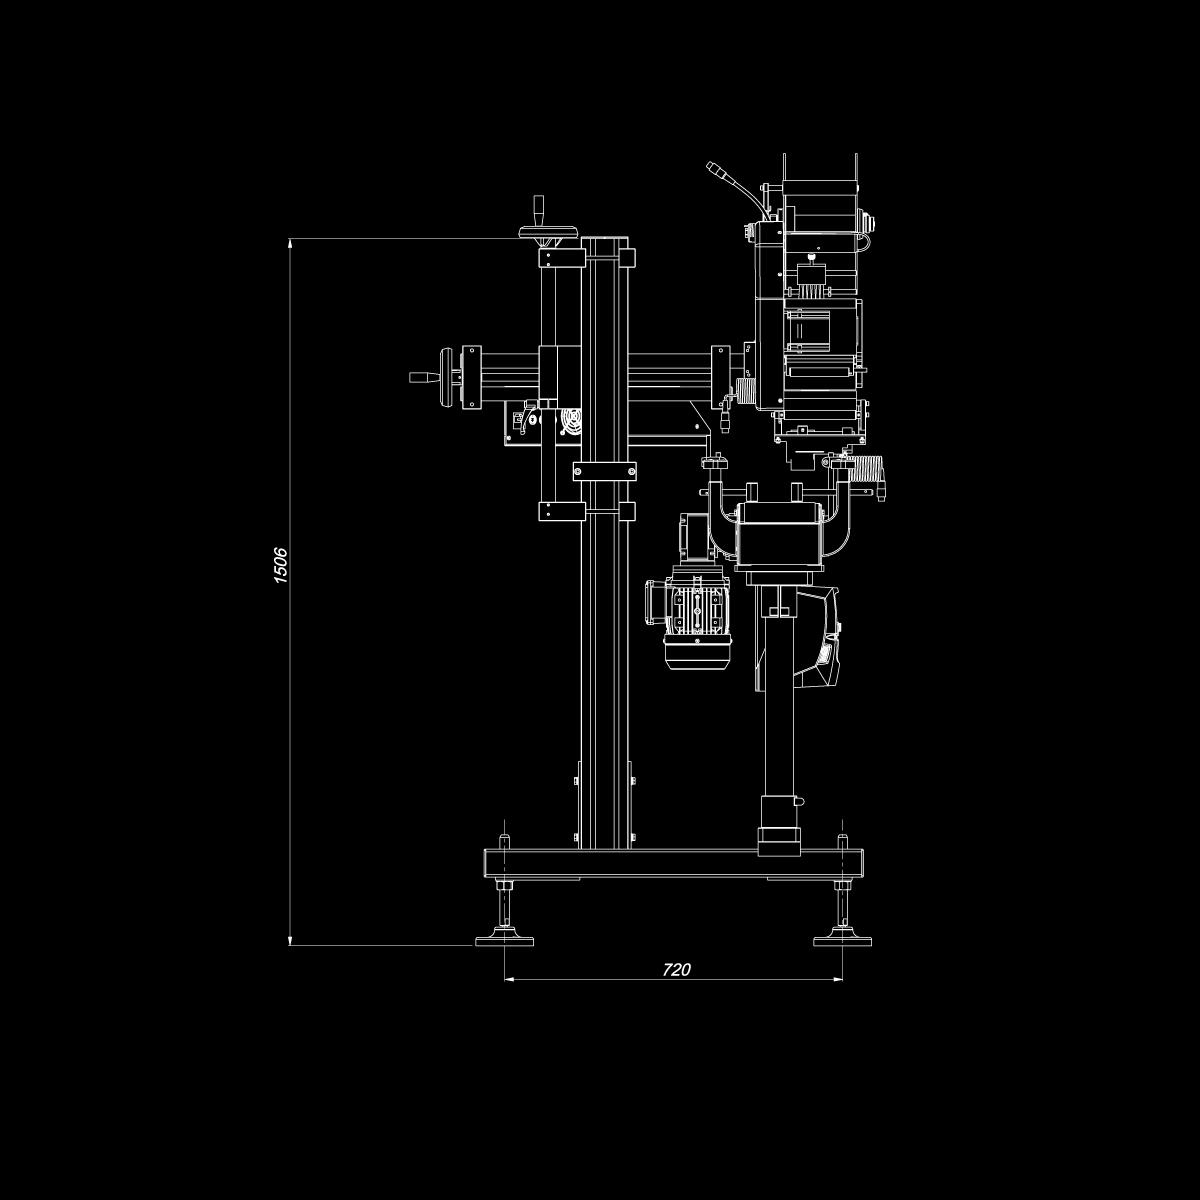 Disegno_Saturno_Light-2